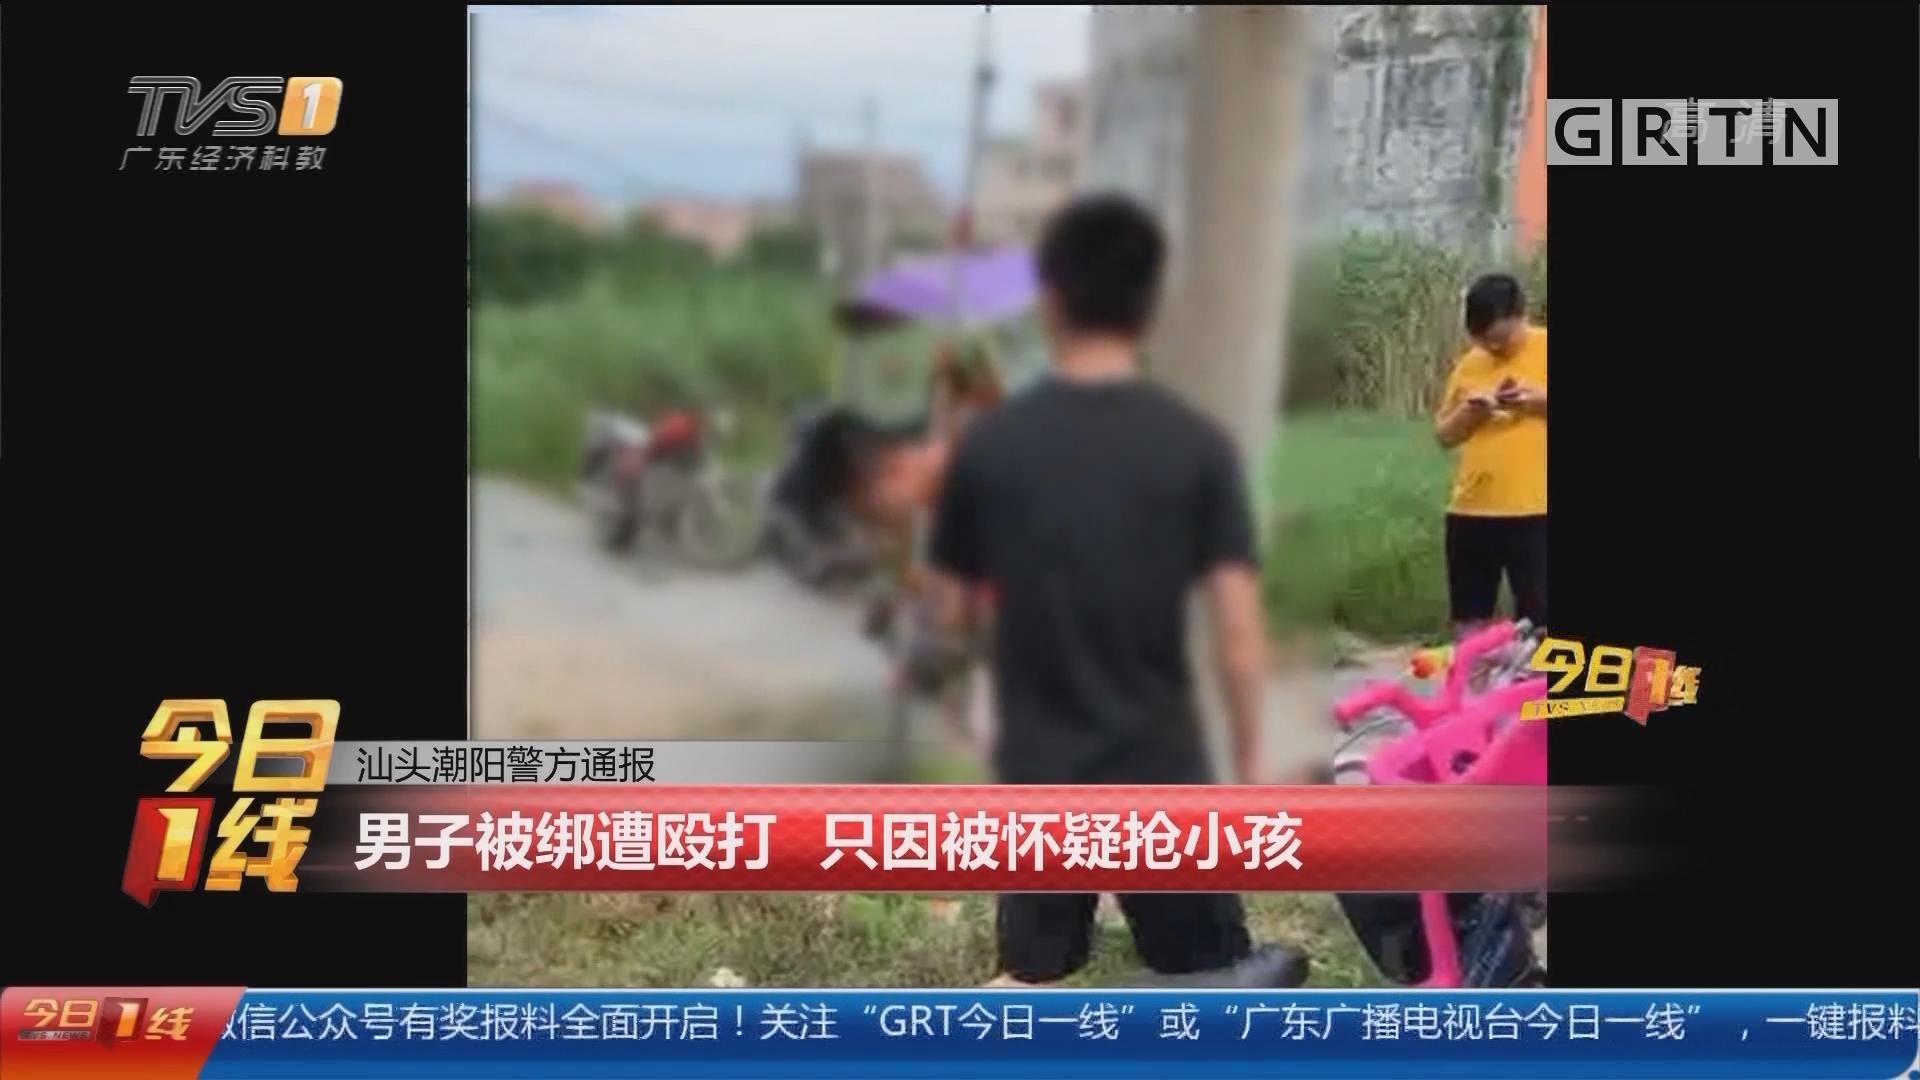 汕头潮阳警方通报:男子被绑遭殴打 只因被怀疑抢小孩